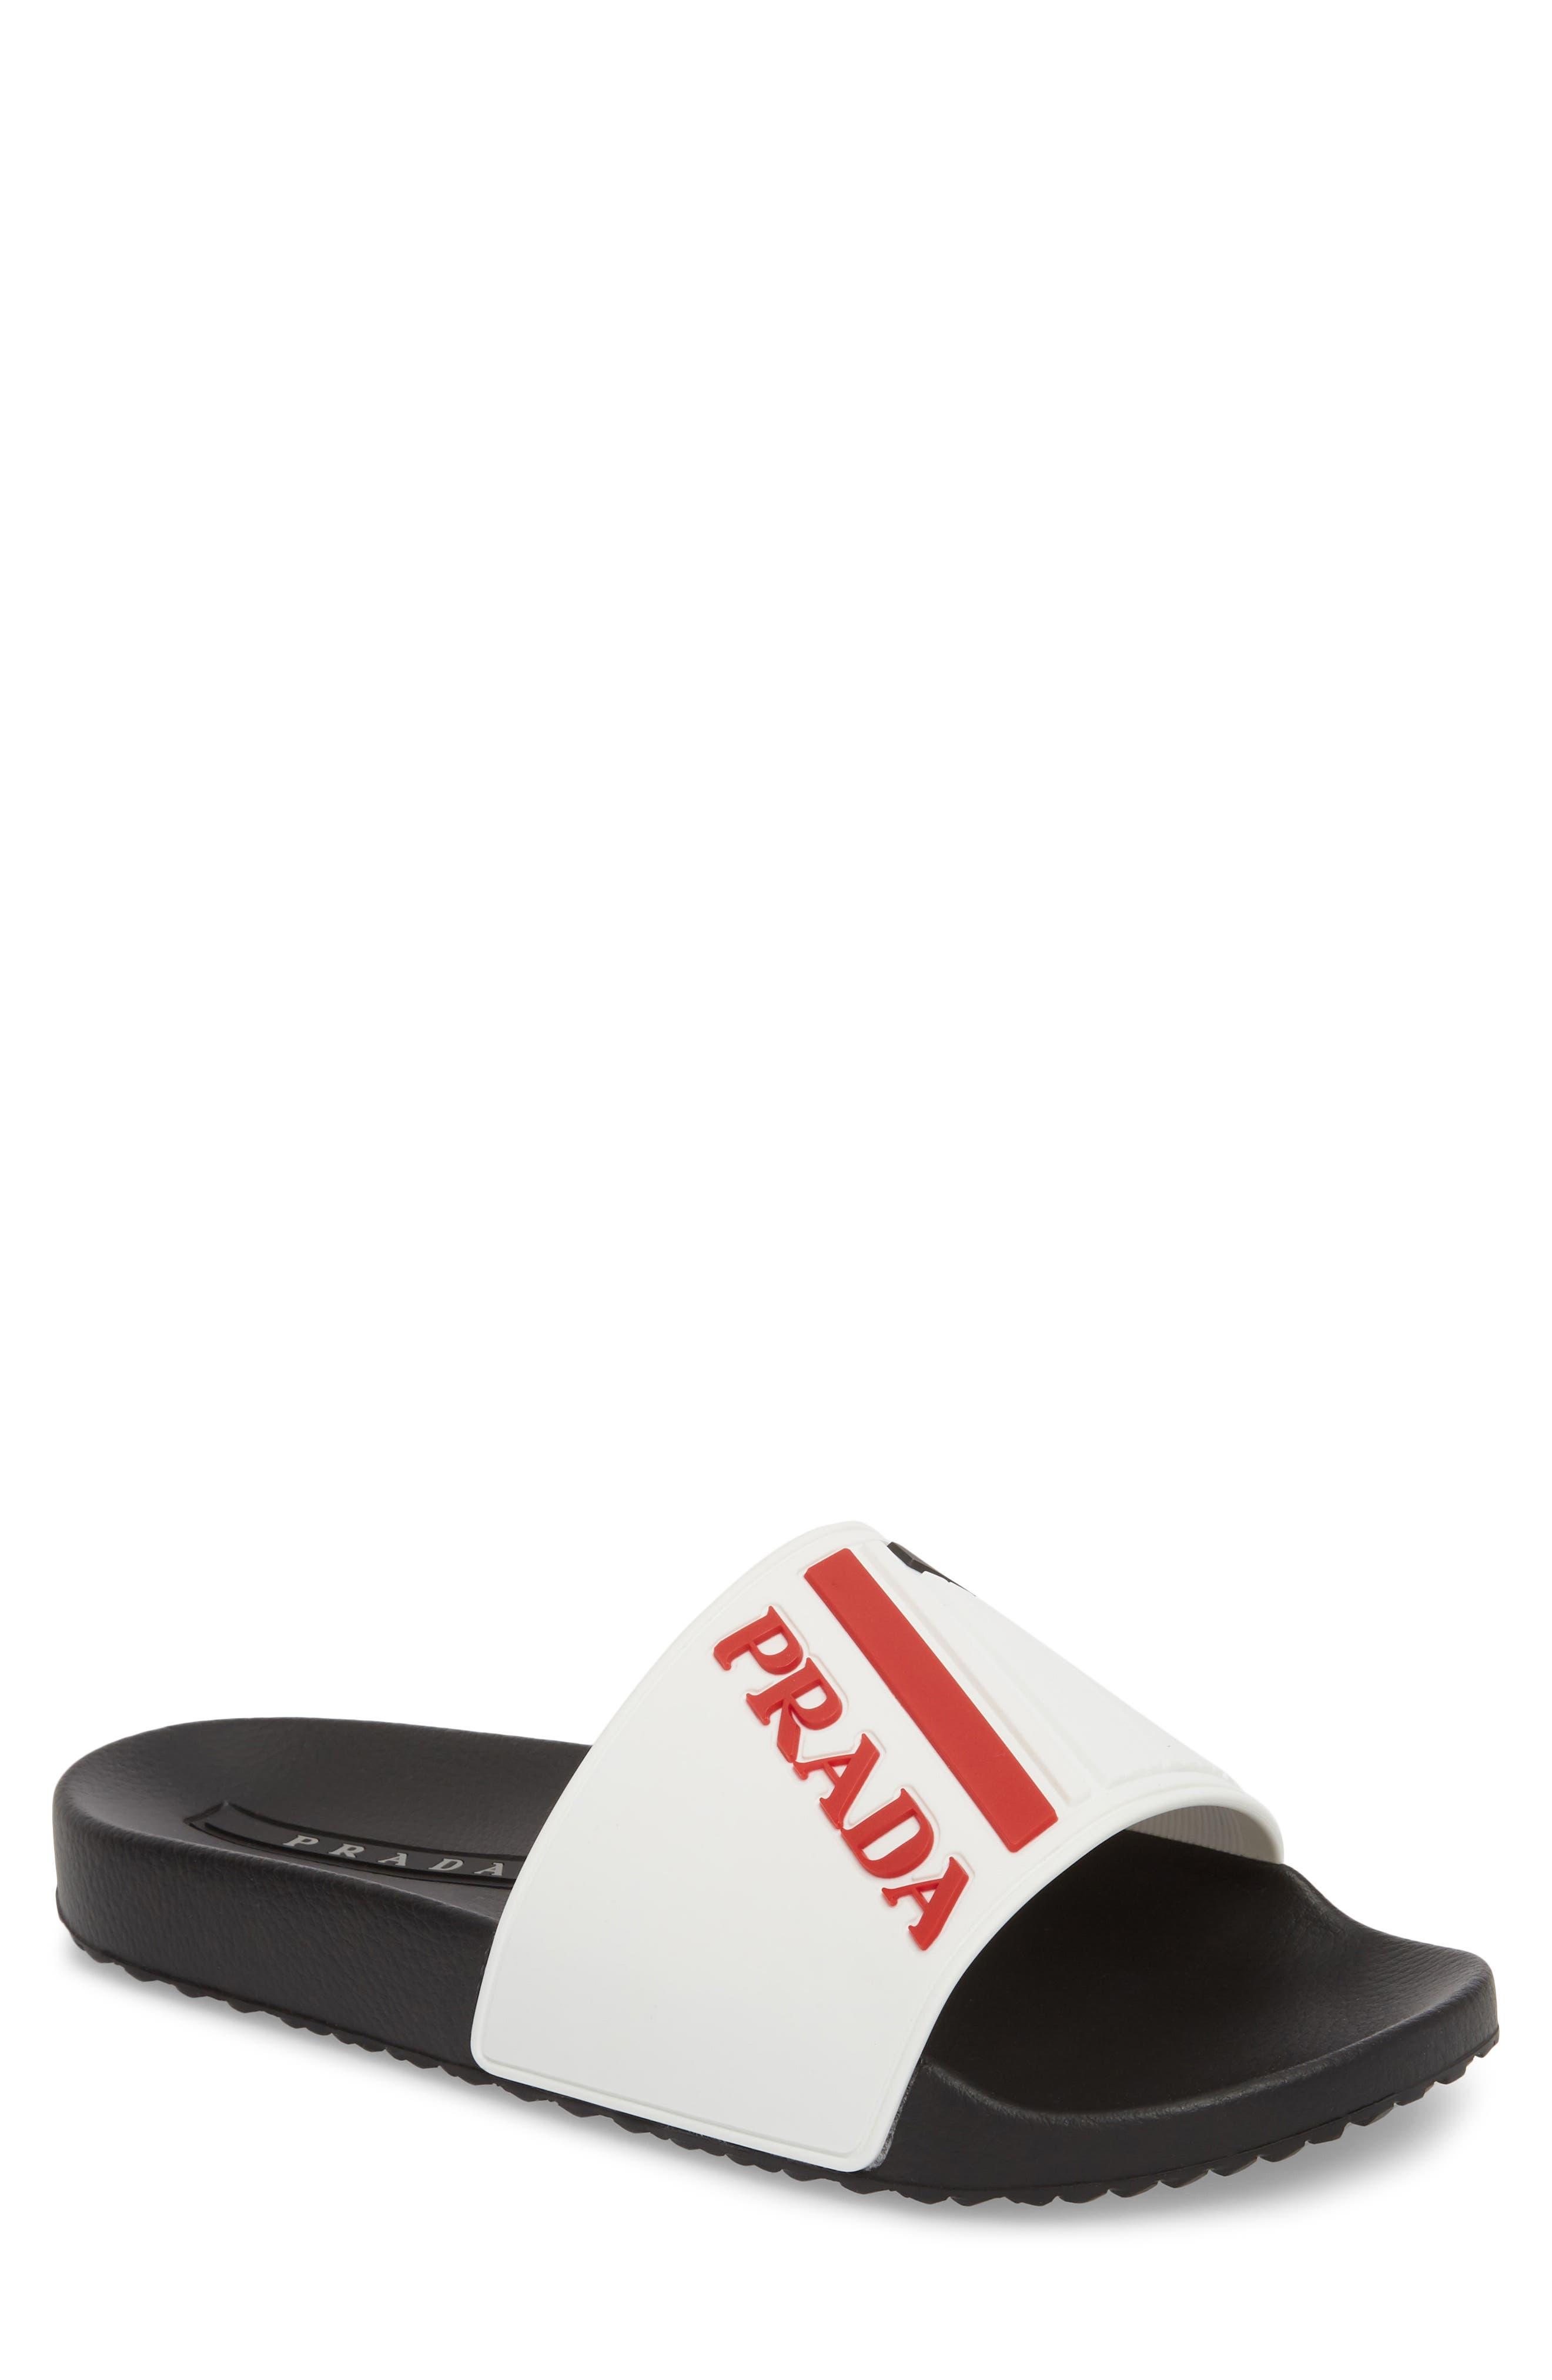 Linea Rossa Logo Slide Sandal,                         Main,                         color, White/ Rosso